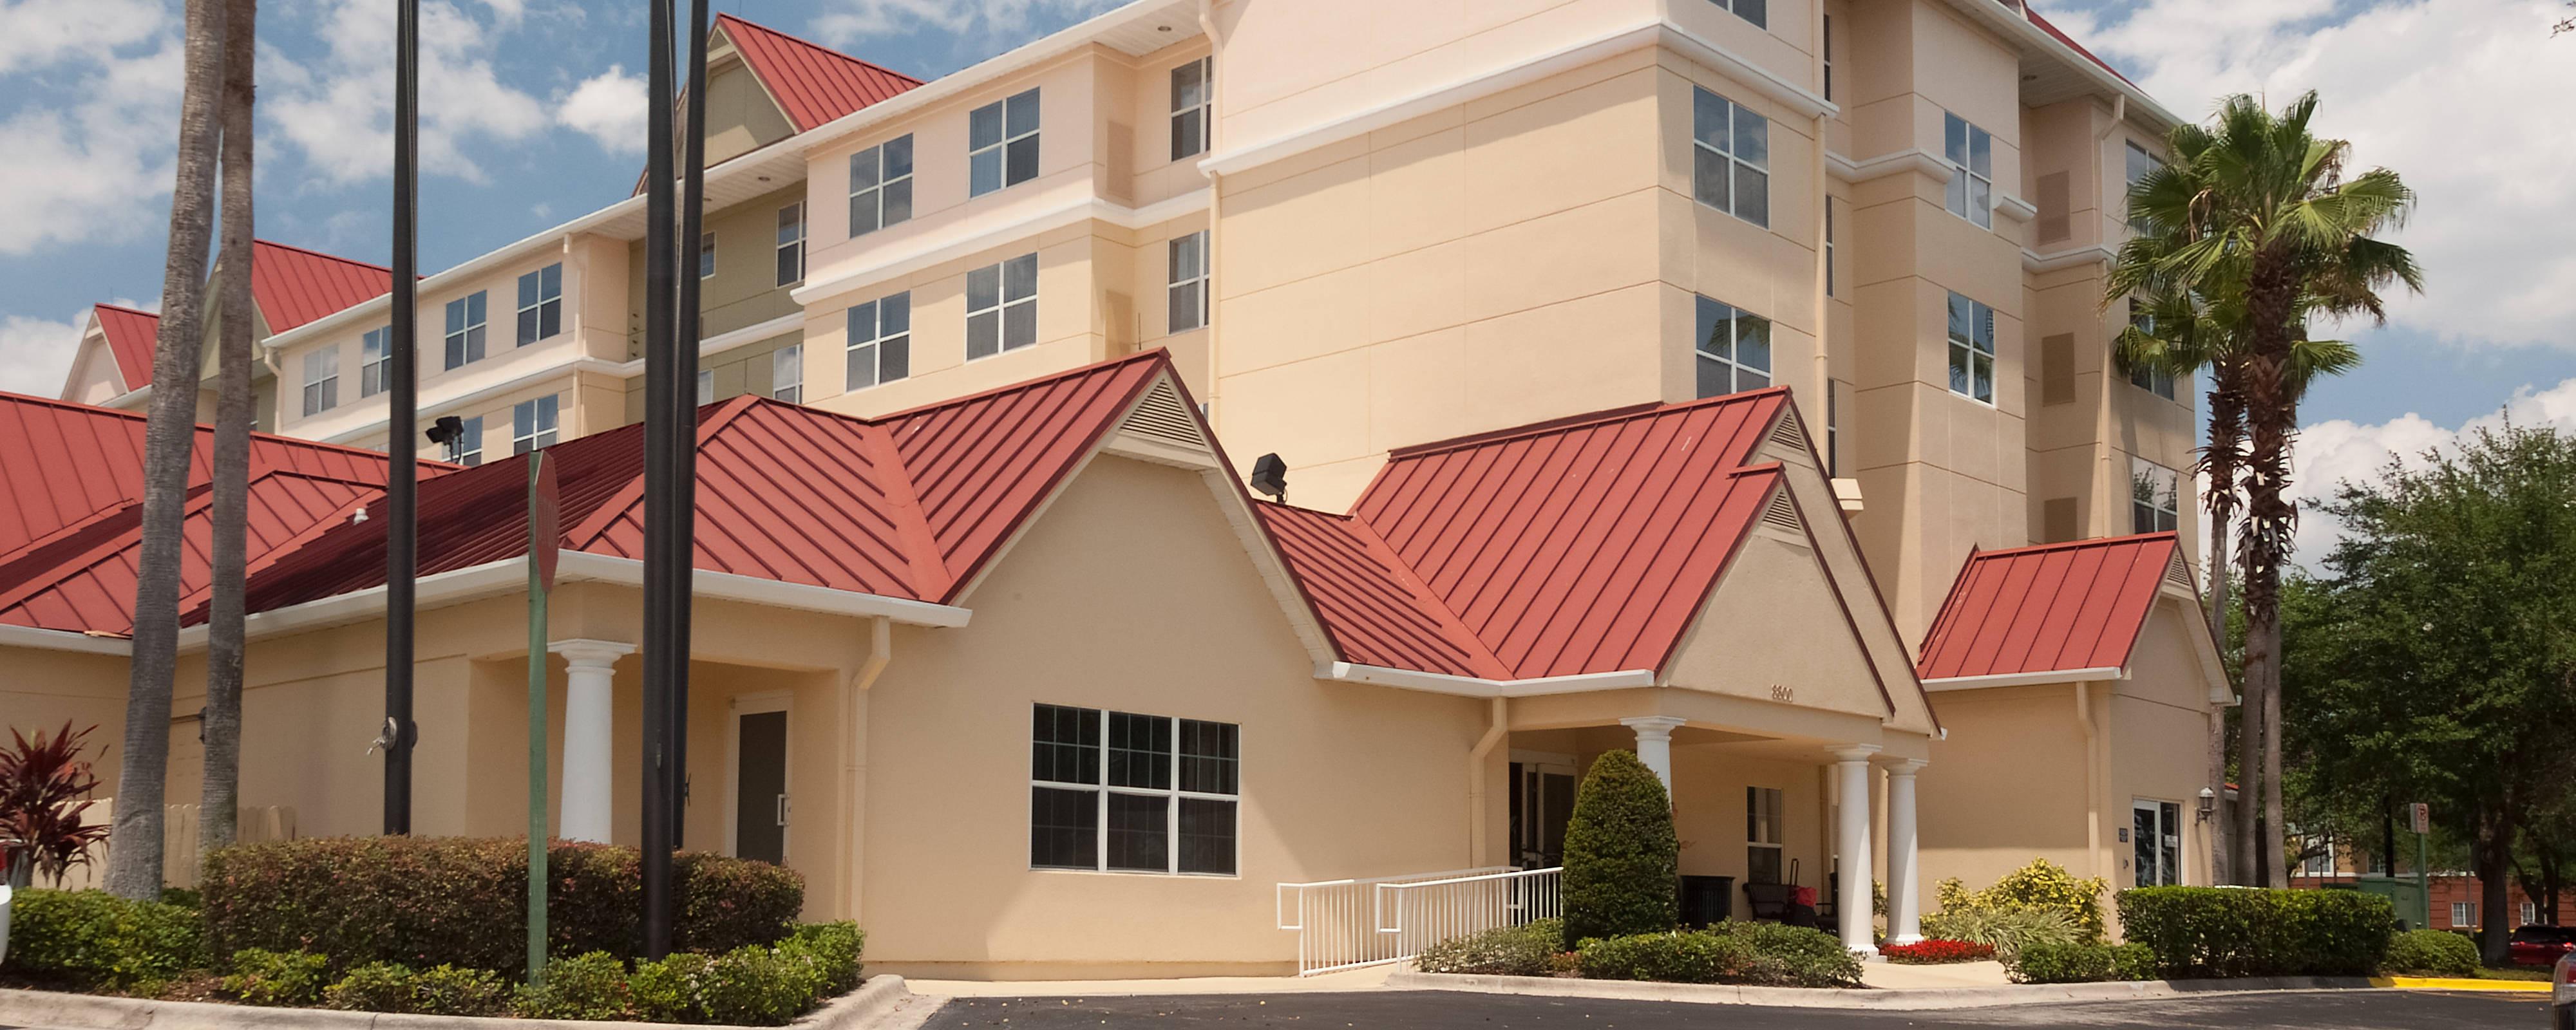 Orlando Convention Center Residence Inn Inside Orlando Convention Center Schedule September 2021